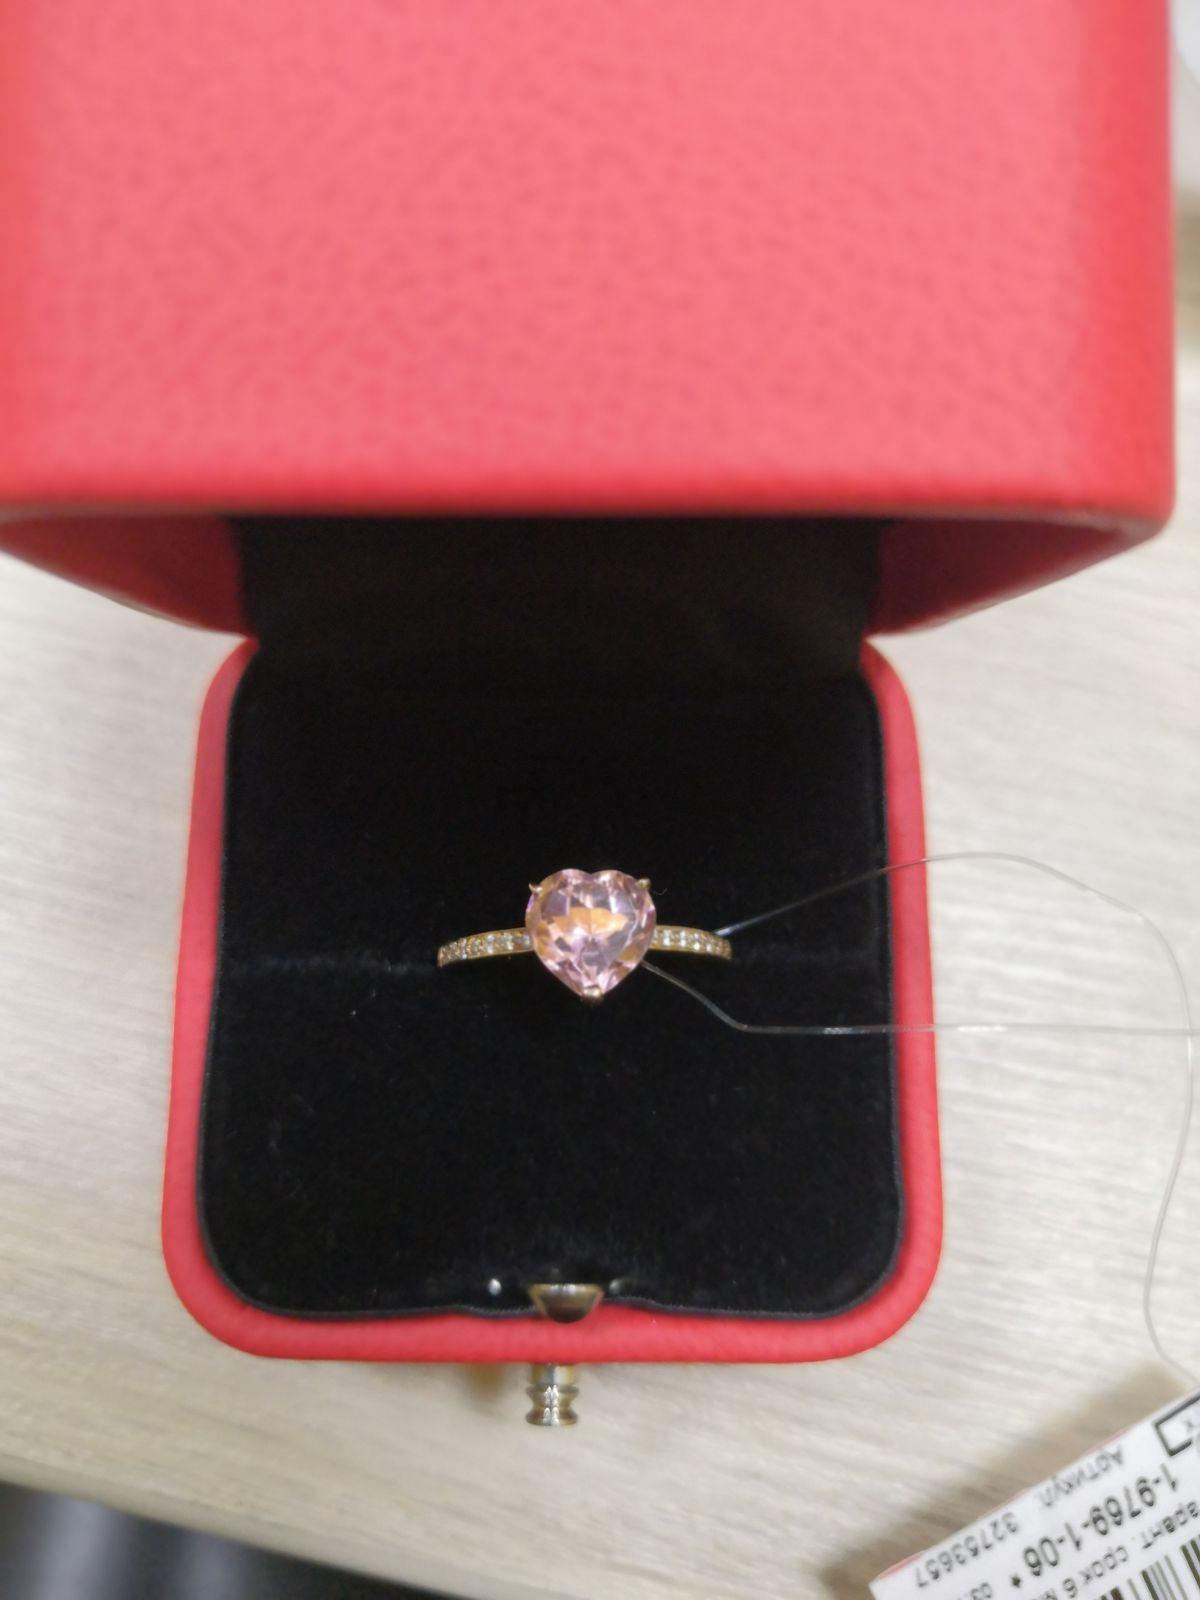 Милое кольцо, получила в подарок от мужа ко дню рождения.